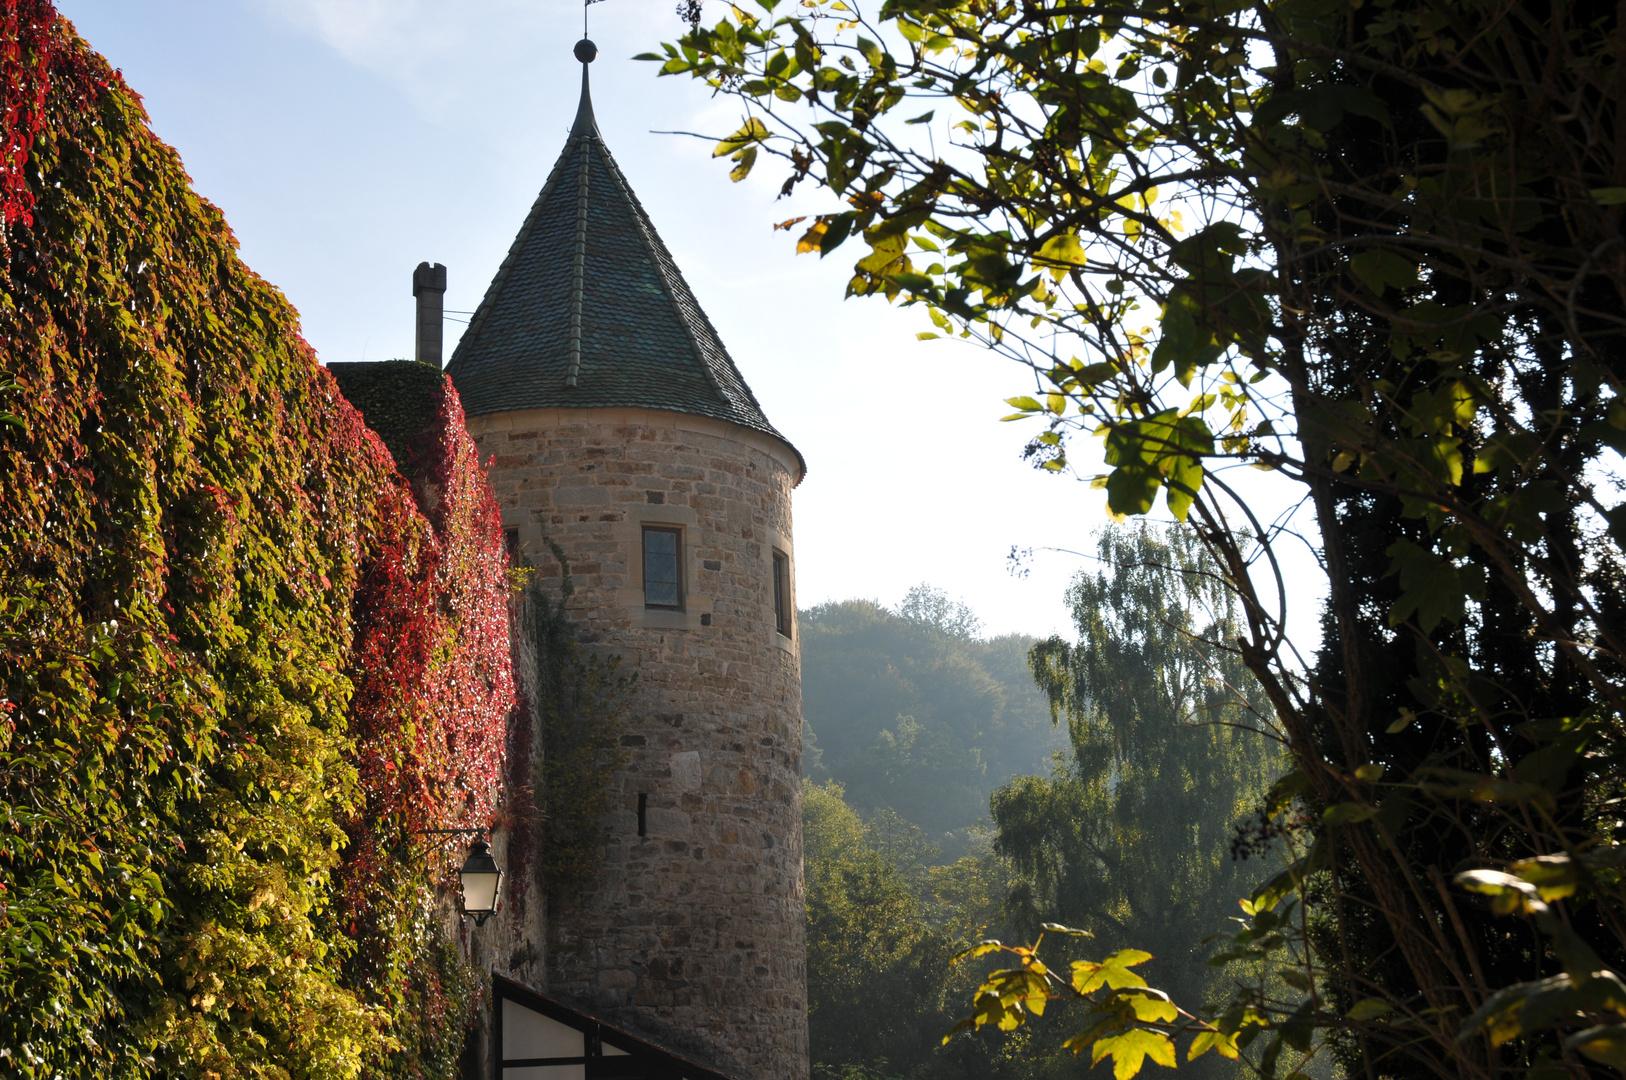 Kloster Bebenhausen bei Tübingen 1/5